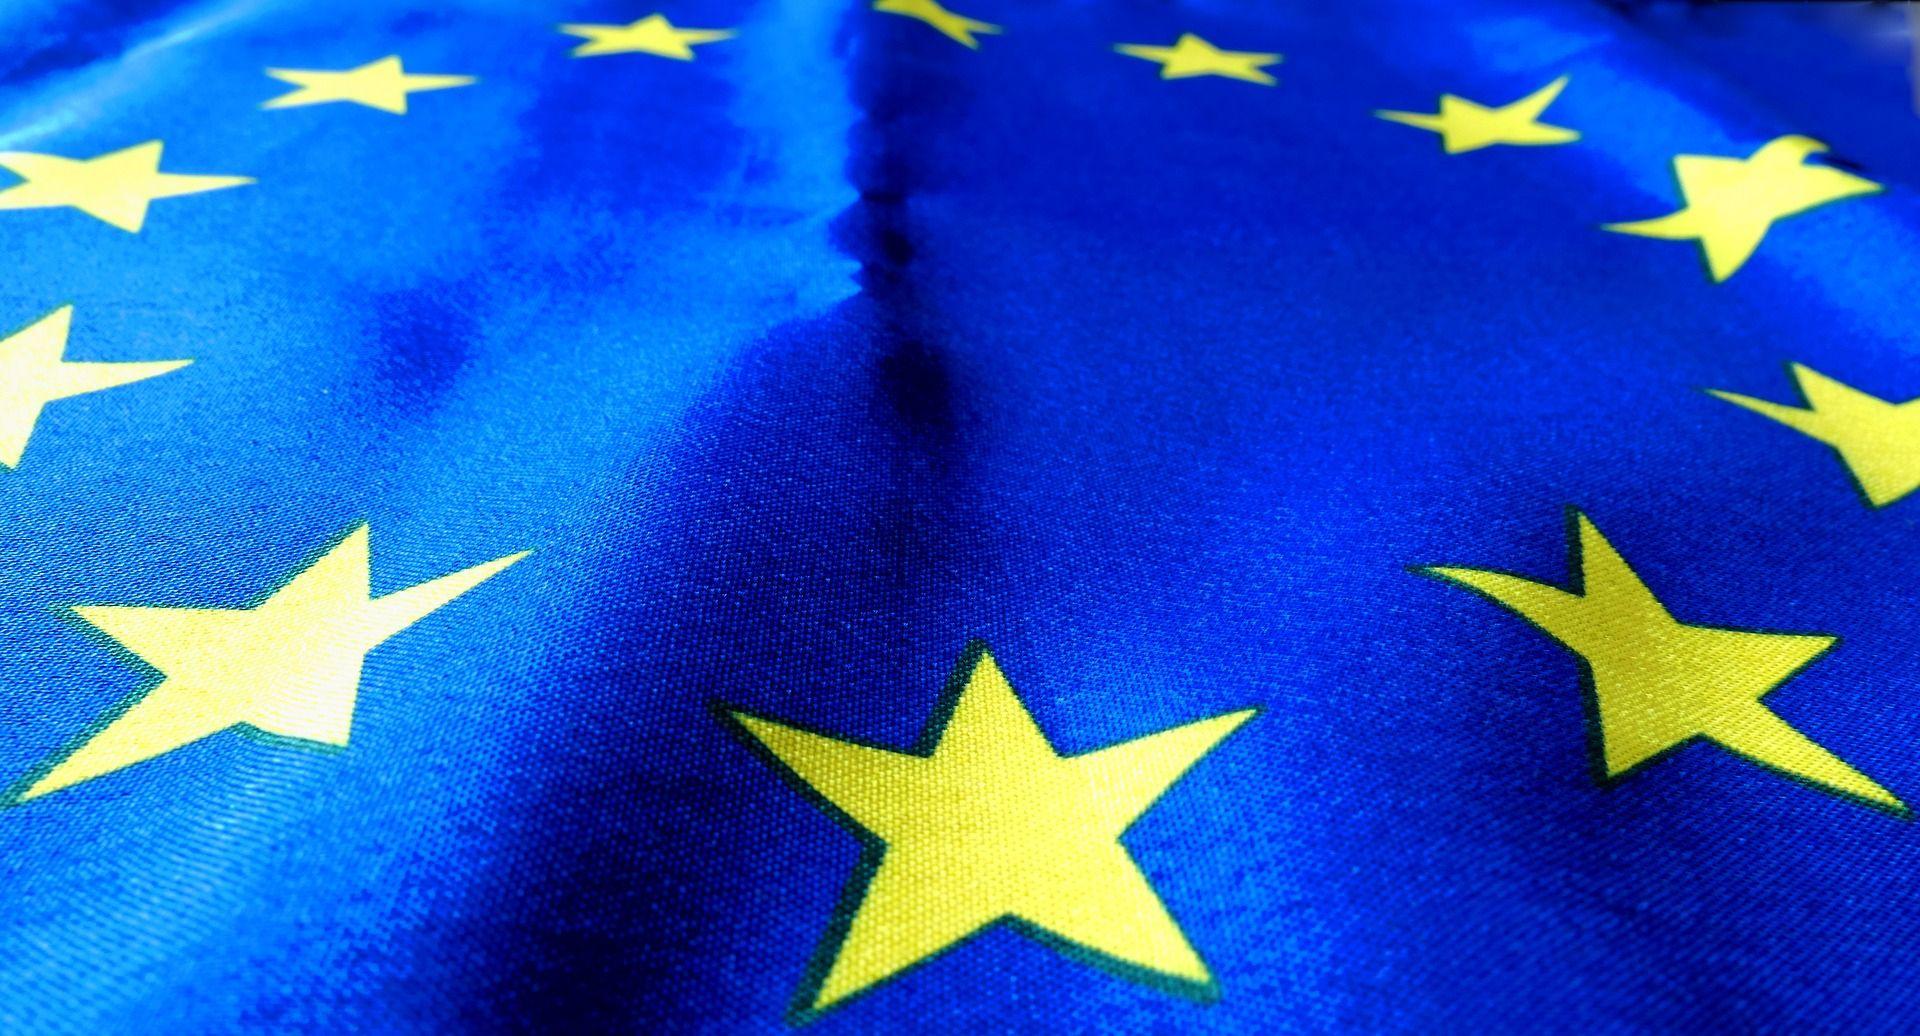 La Commission européenne voudrait un remplacement des batteries de smartphones plus facile